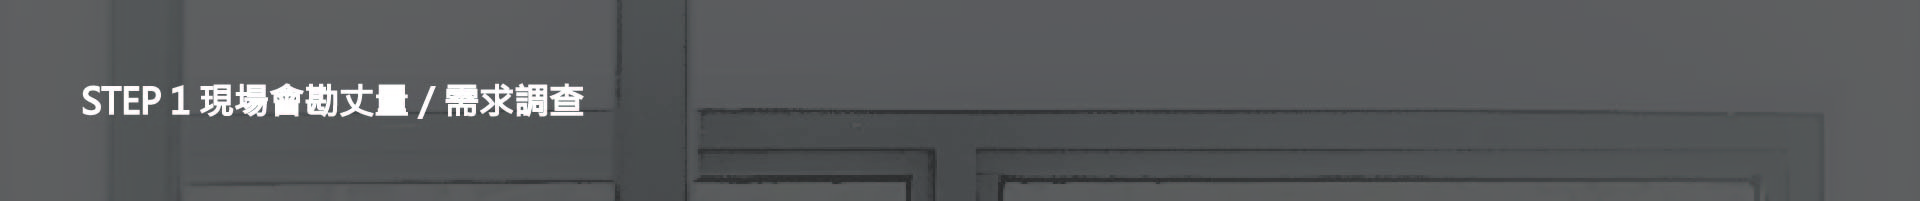 衍項服務流程-01